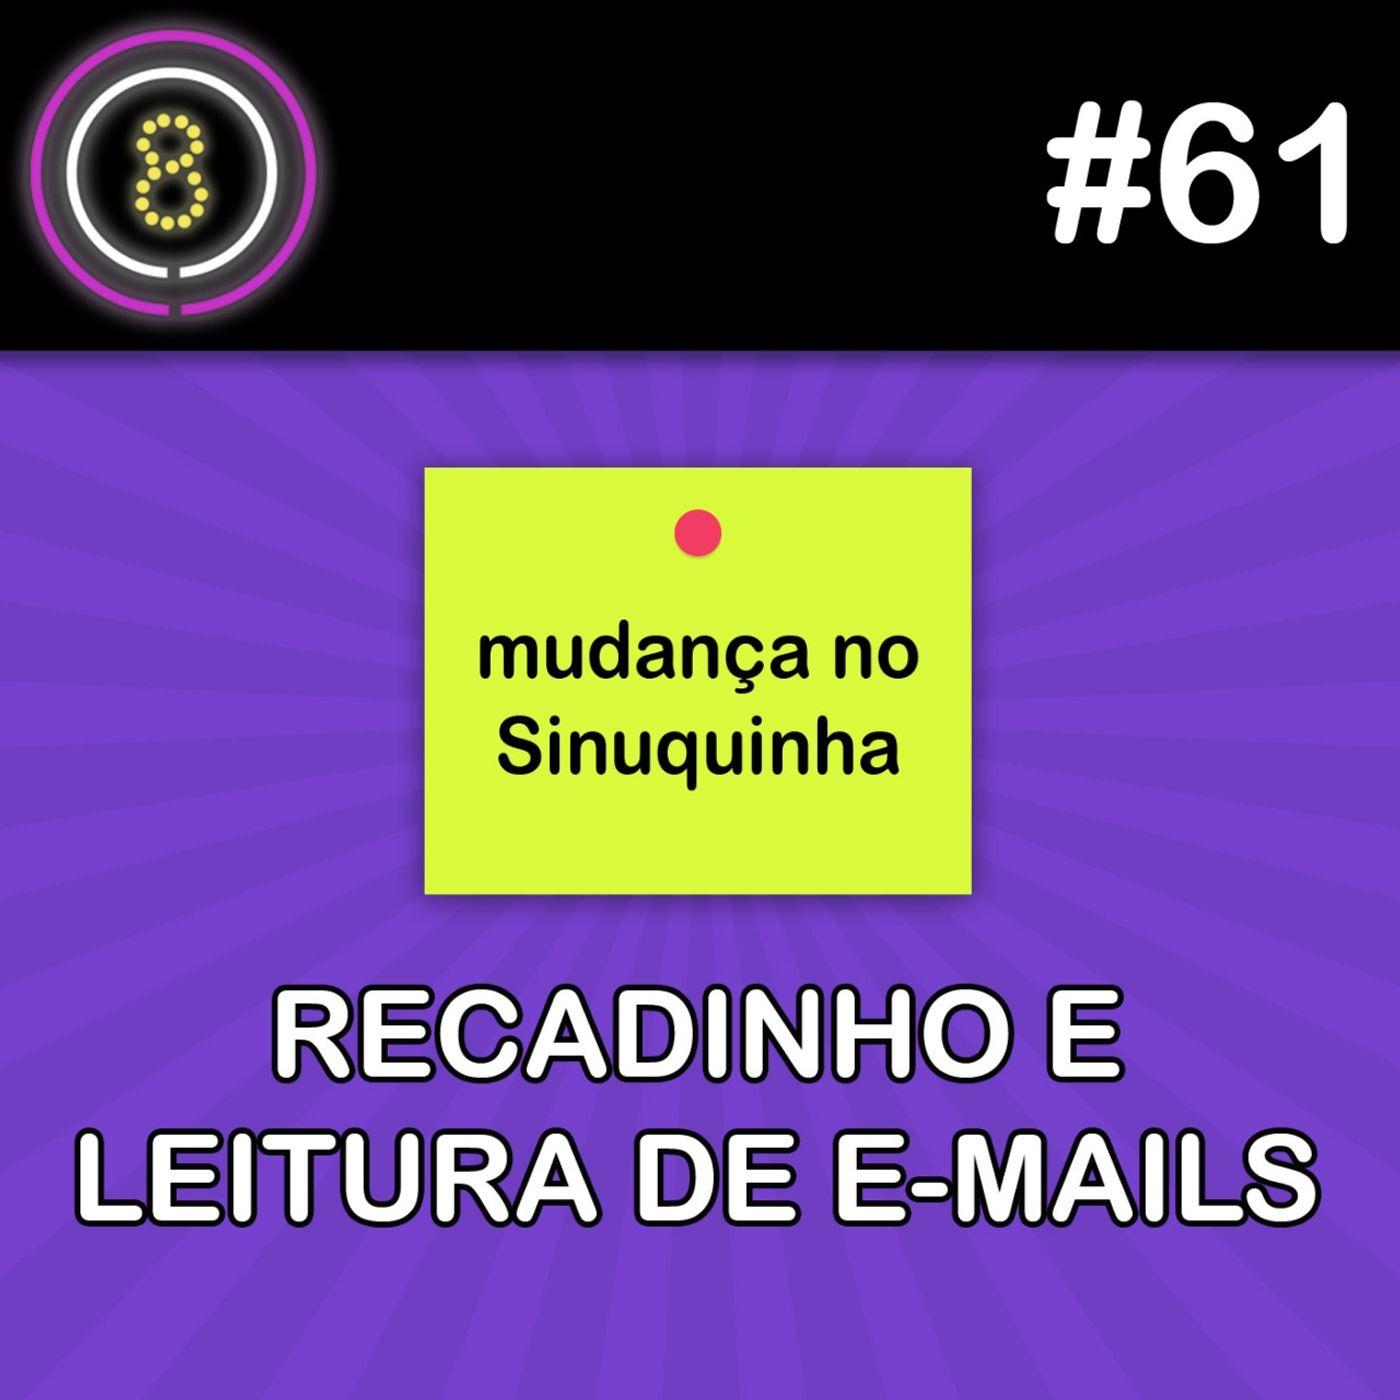 #61 - Recadinho e Leitura de Emails